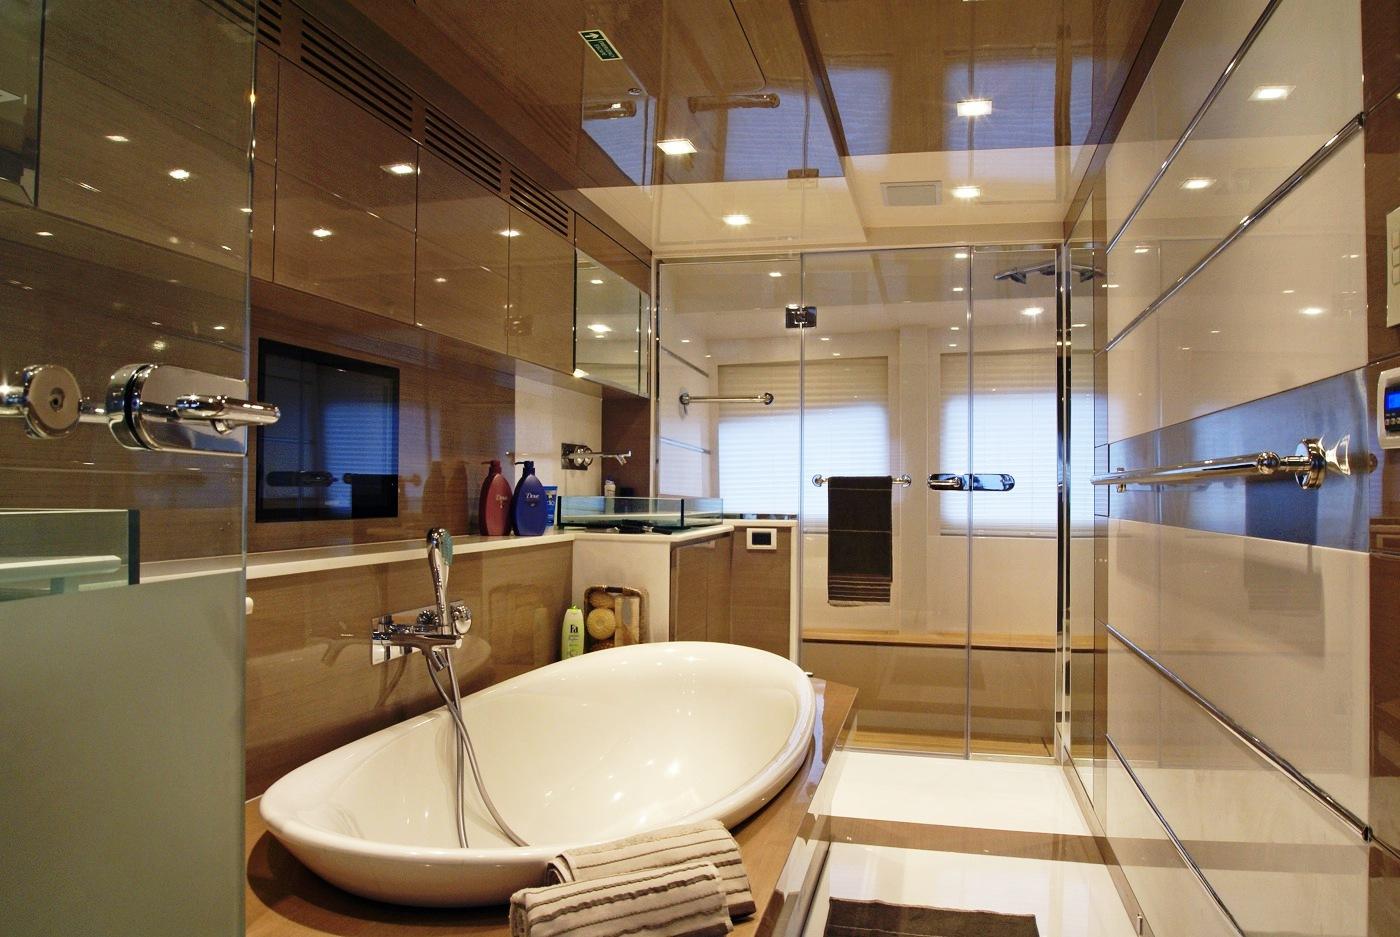 Плазменный телевизор в ванной комнате